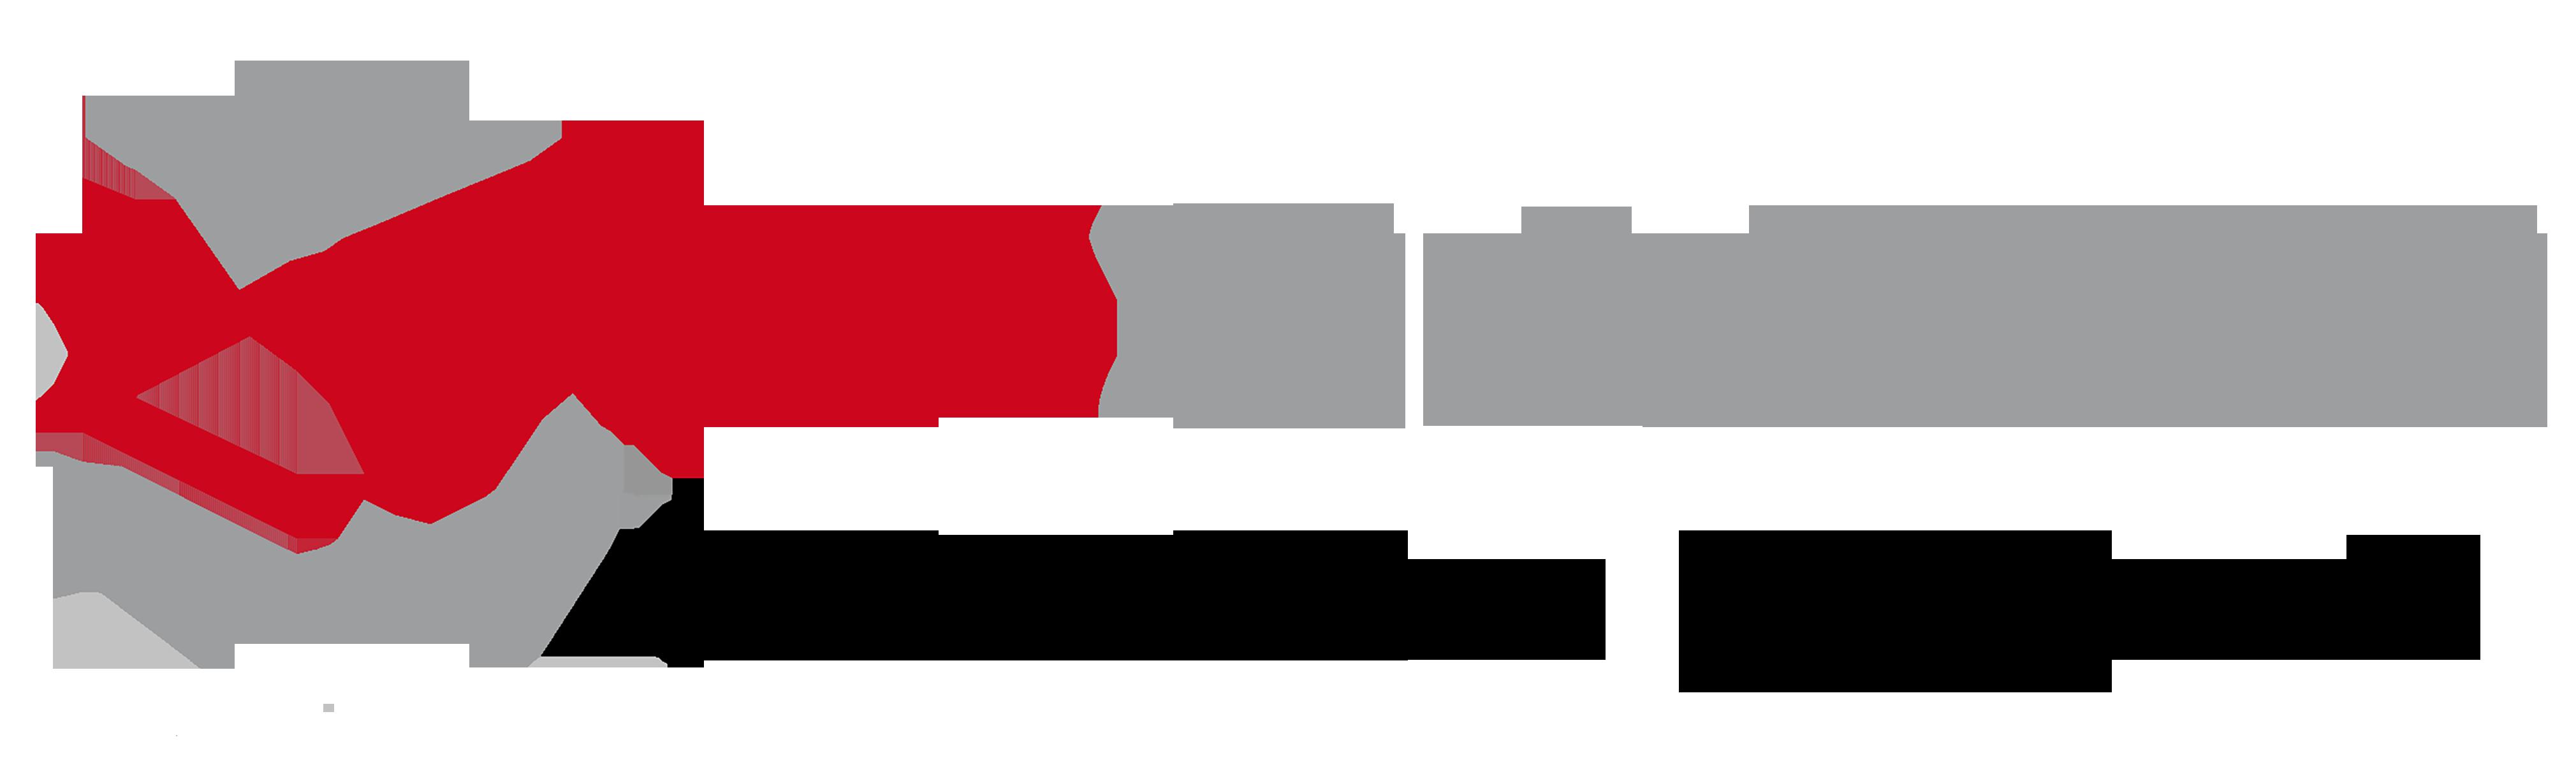 LT_Cases_Vektor